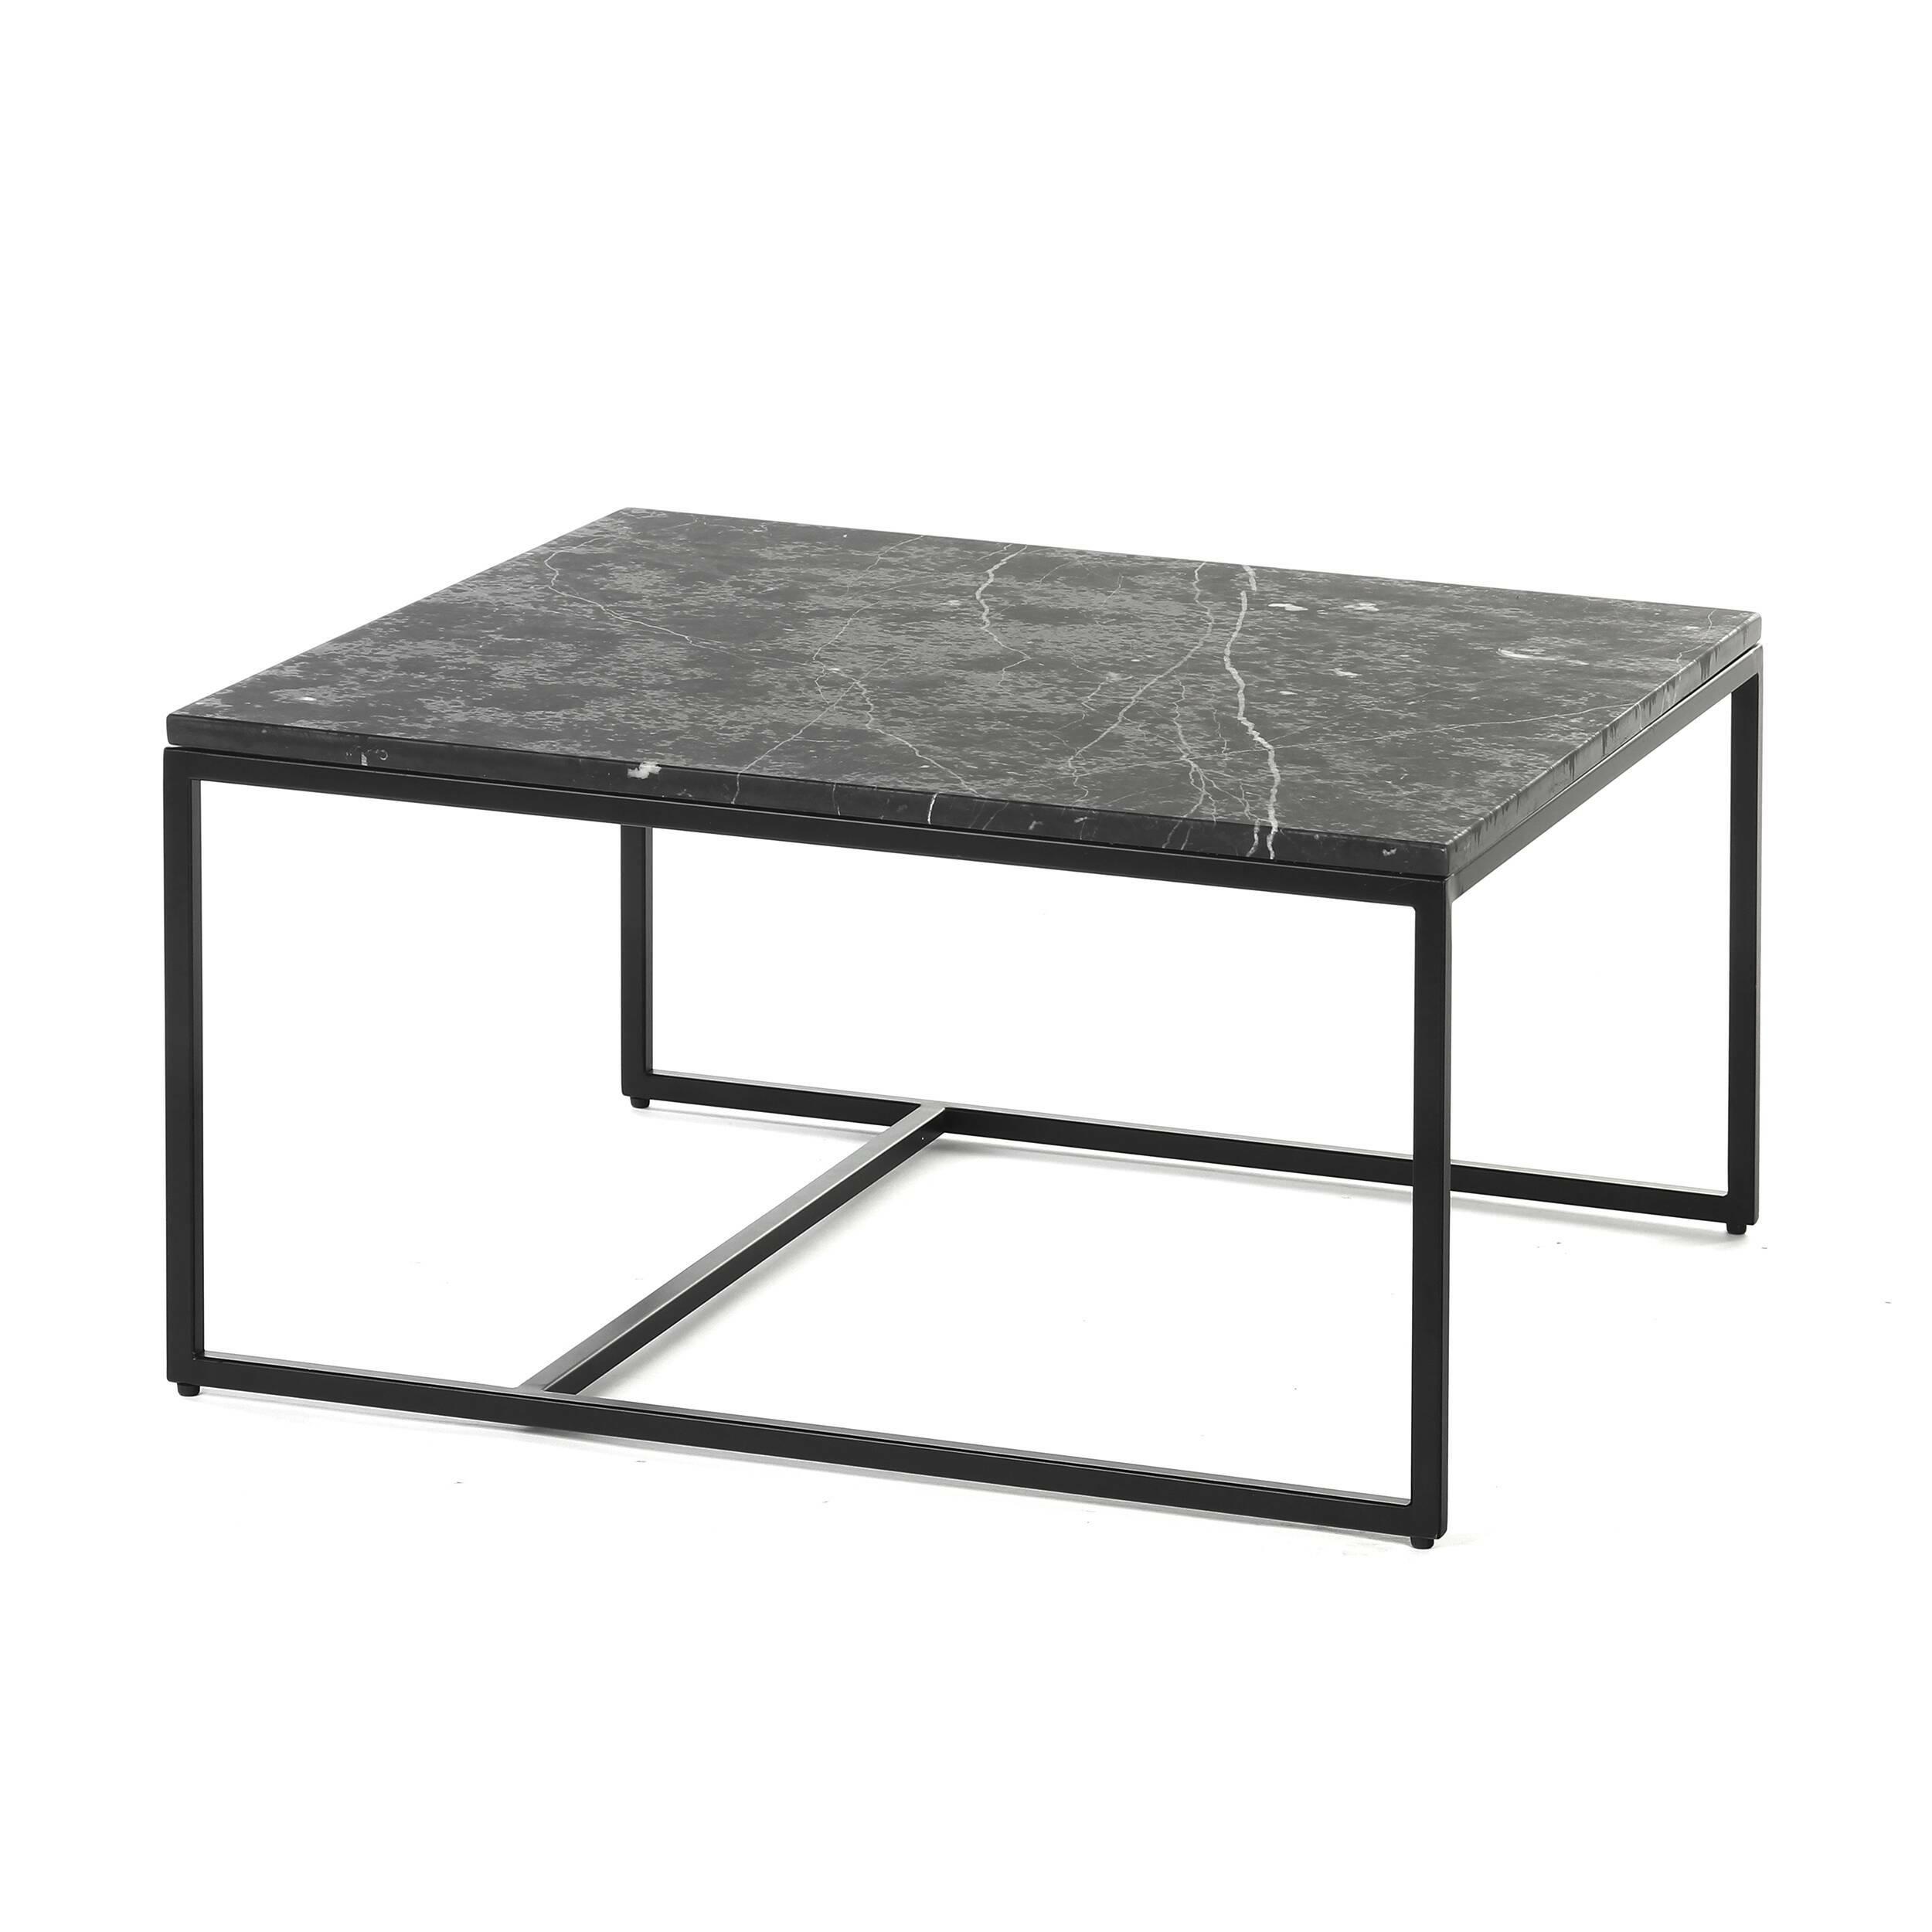 Кофейный стол Copenhagen 70х70Кофейные столики<br>Дизайнерский кофейный стол Copenhagen 70x70 поможет создать в помещении уютную атмосферу для легкого и непринужденного общения. Стол обладает стильным, геометричным дизайном, который способен гармонично вписаться даже в высокотехнологичный хай-тек.<br><br><br> Натуральный камень в интерьере пользуется особенной любовью – благодаря такой мебели комната выглядит стильно и изысканно, в ней создается совершенно неповторимая атмосфера благополучия и хорошего вкуса. Кроме того, такие изделия очень н...<br><br>stock: 8<br>Высота: 36,5<br>Ширина: 70<br>Длина: 70<br>Цвет ножек: Черный<br>Цвет столешницы: Черный<br>Тип материала столешницы: Мрамор<br>Тип материала ножек: Сталь